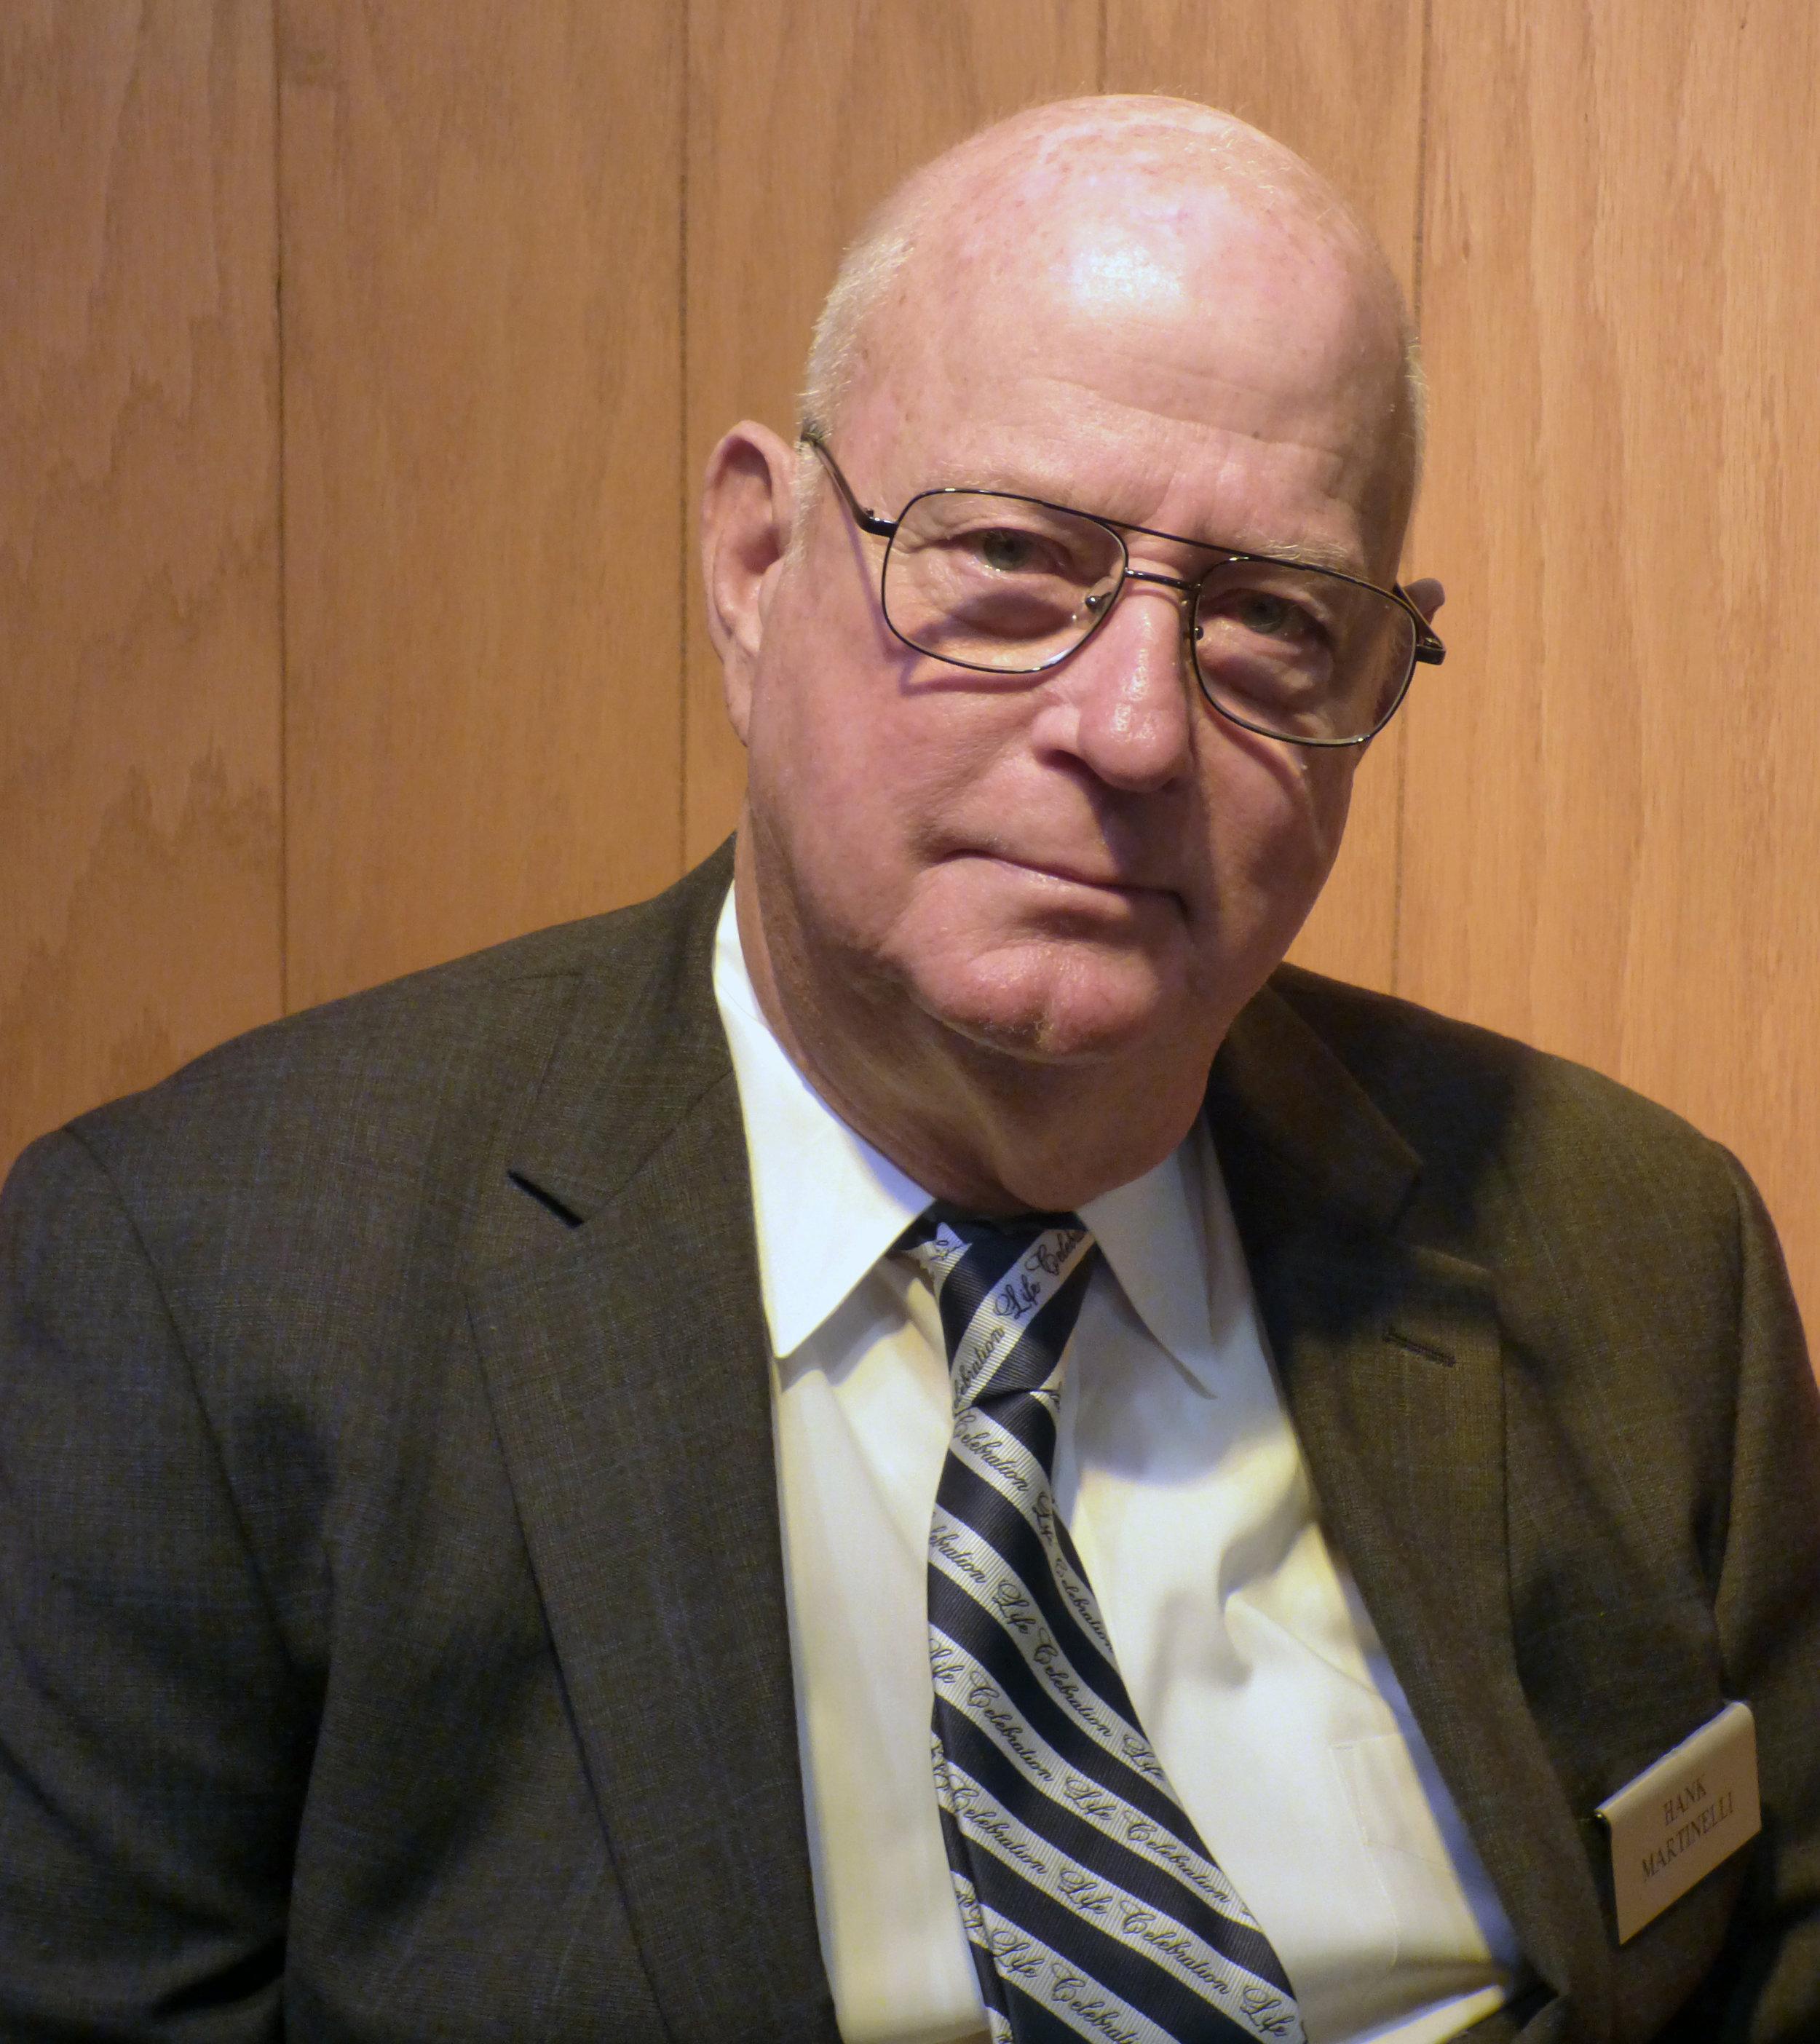 Hank Martinelli